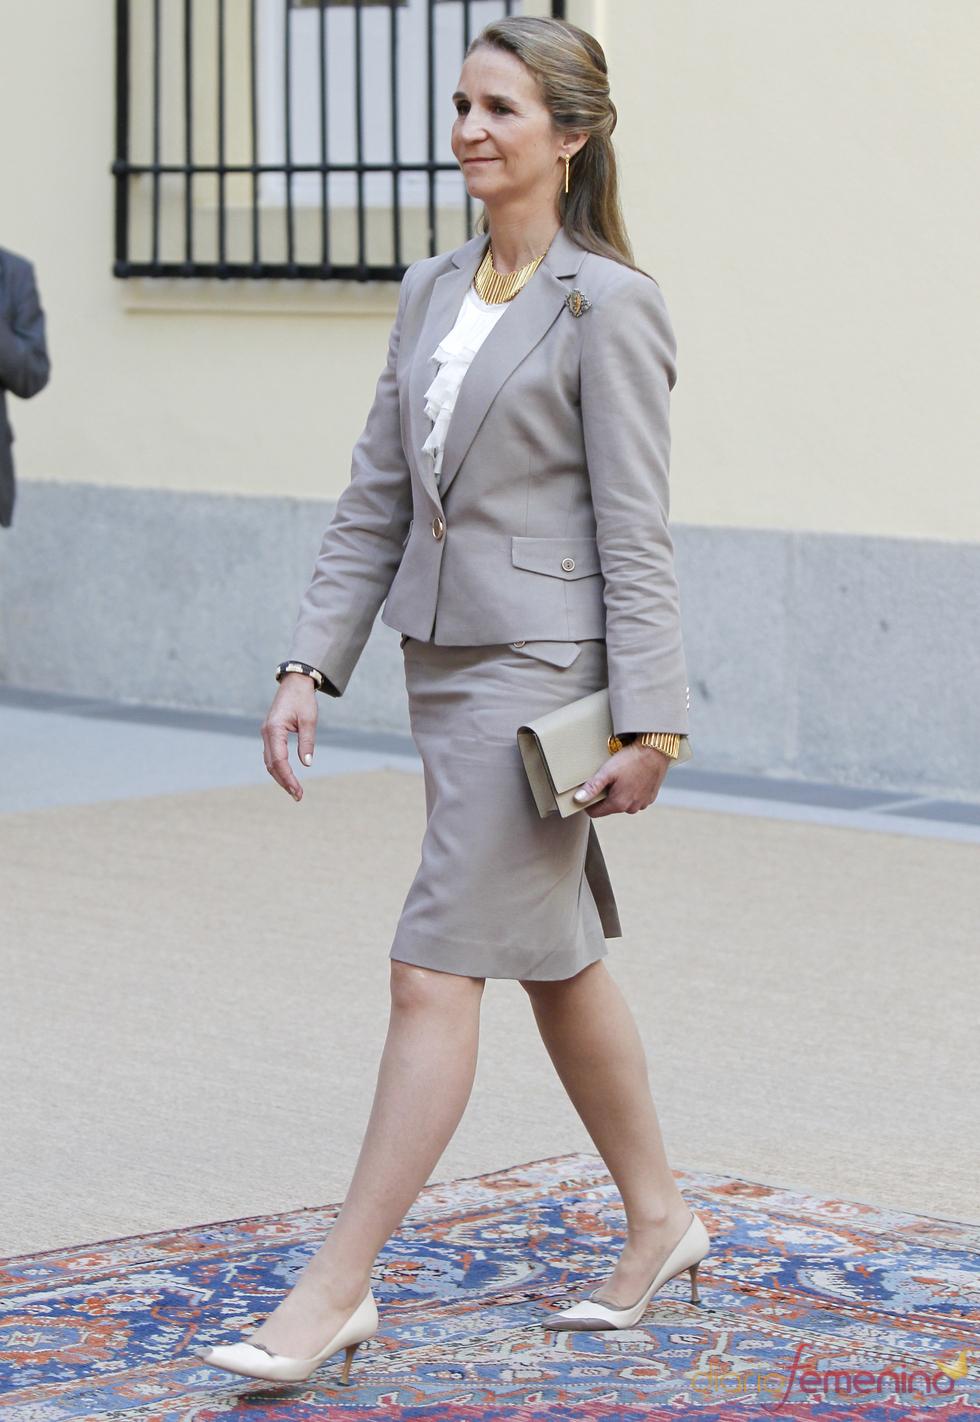 La Infanta Elena con traje de chaqueta gris